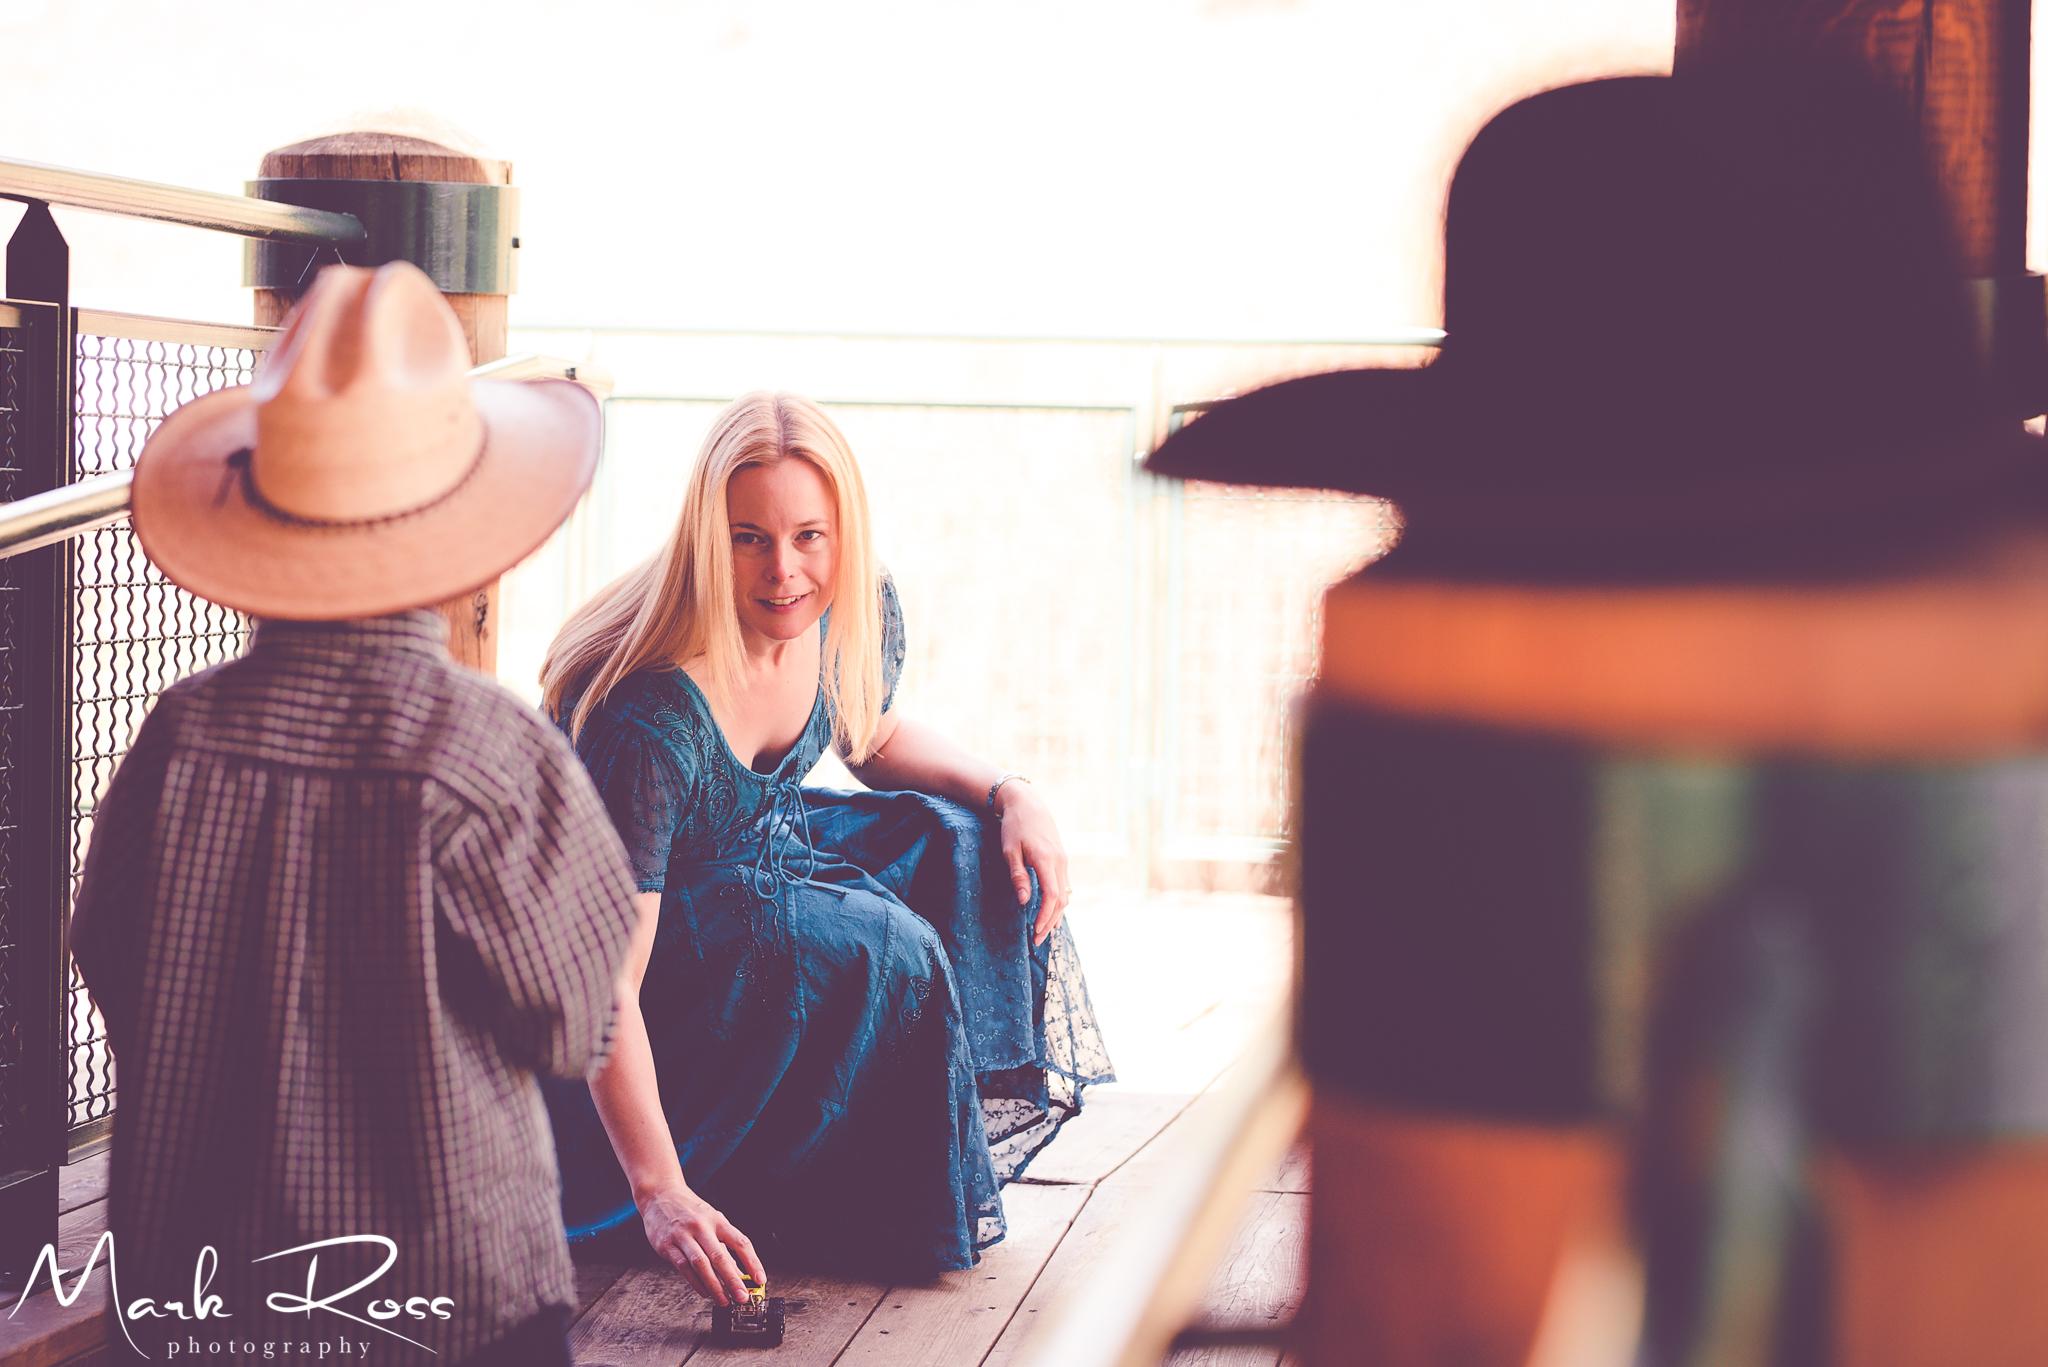 Denver-Family-Photographer-Blog-Mark-Ross-Photography-Glas-Family-13.jpg